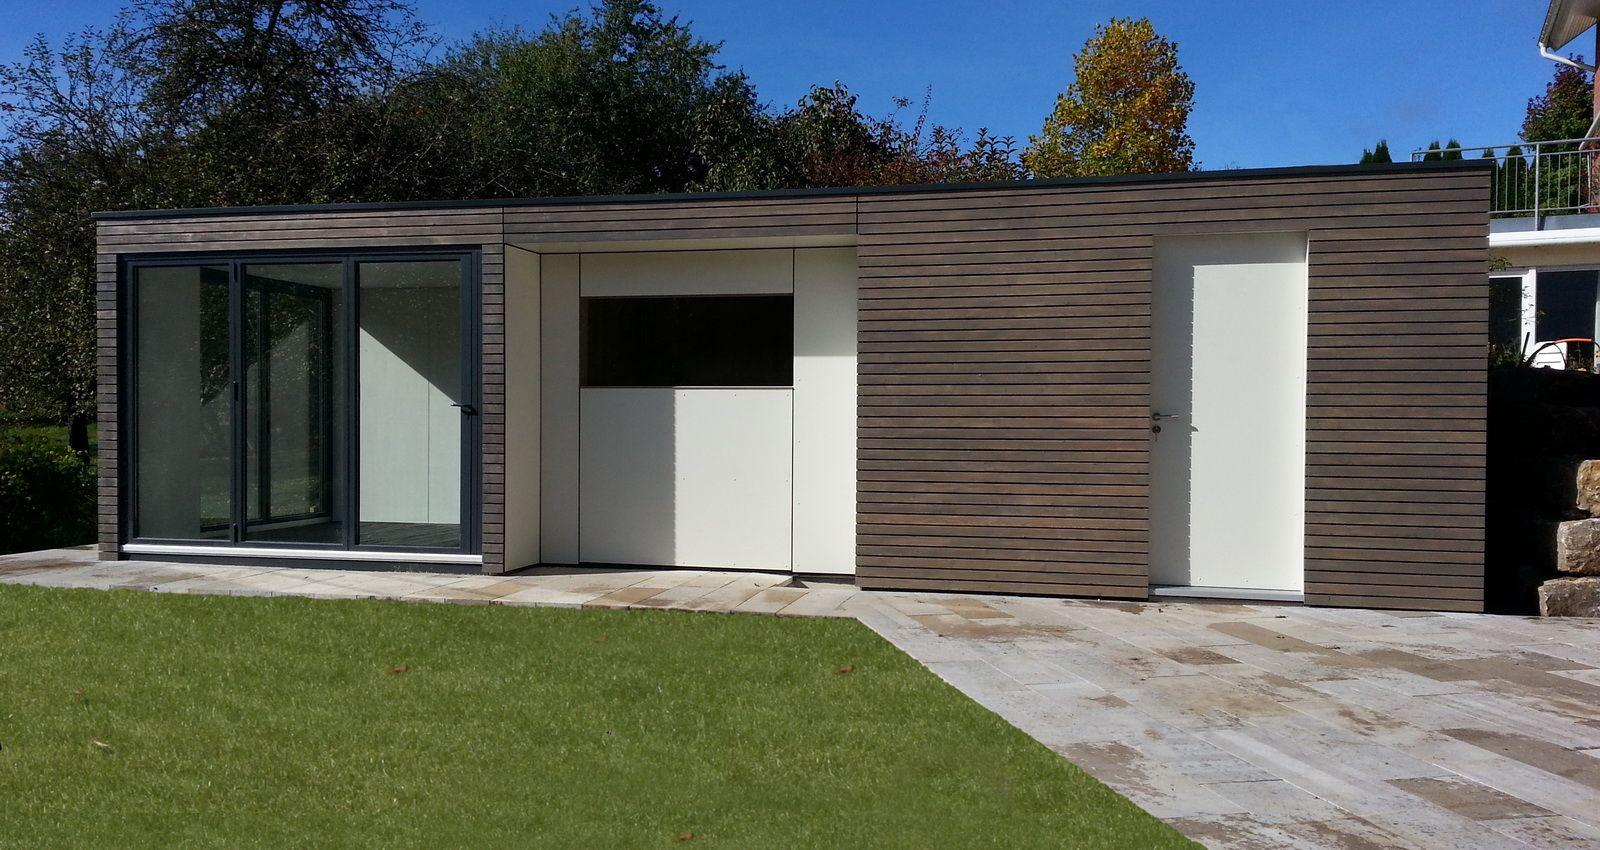 Moderne Aussensauna mit Vorraum und Raum für Pooltechnik